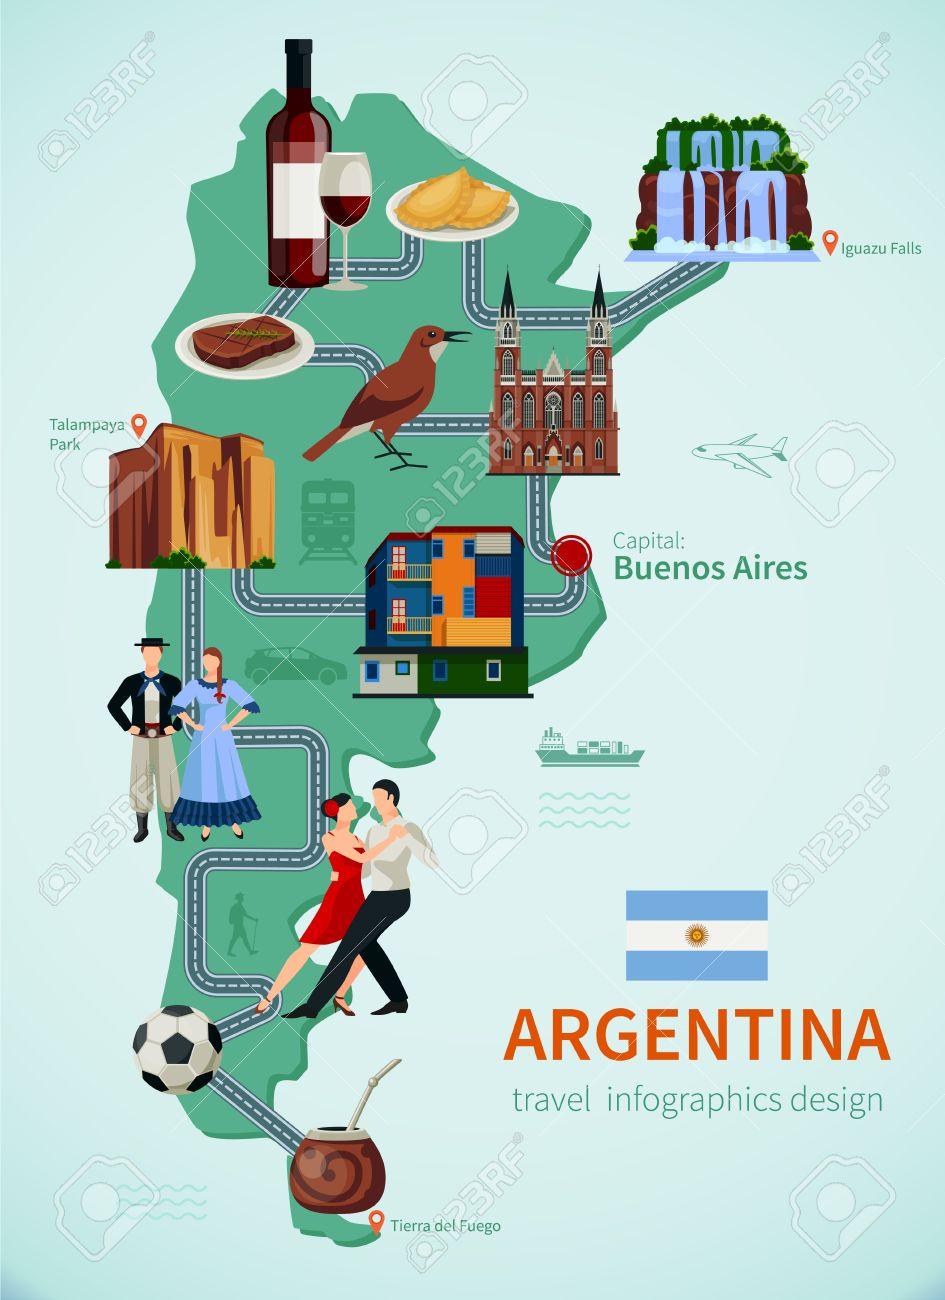 Argentina Atracción De Turistas Símbolos Mapa Plano Para Los - Argentina mapa